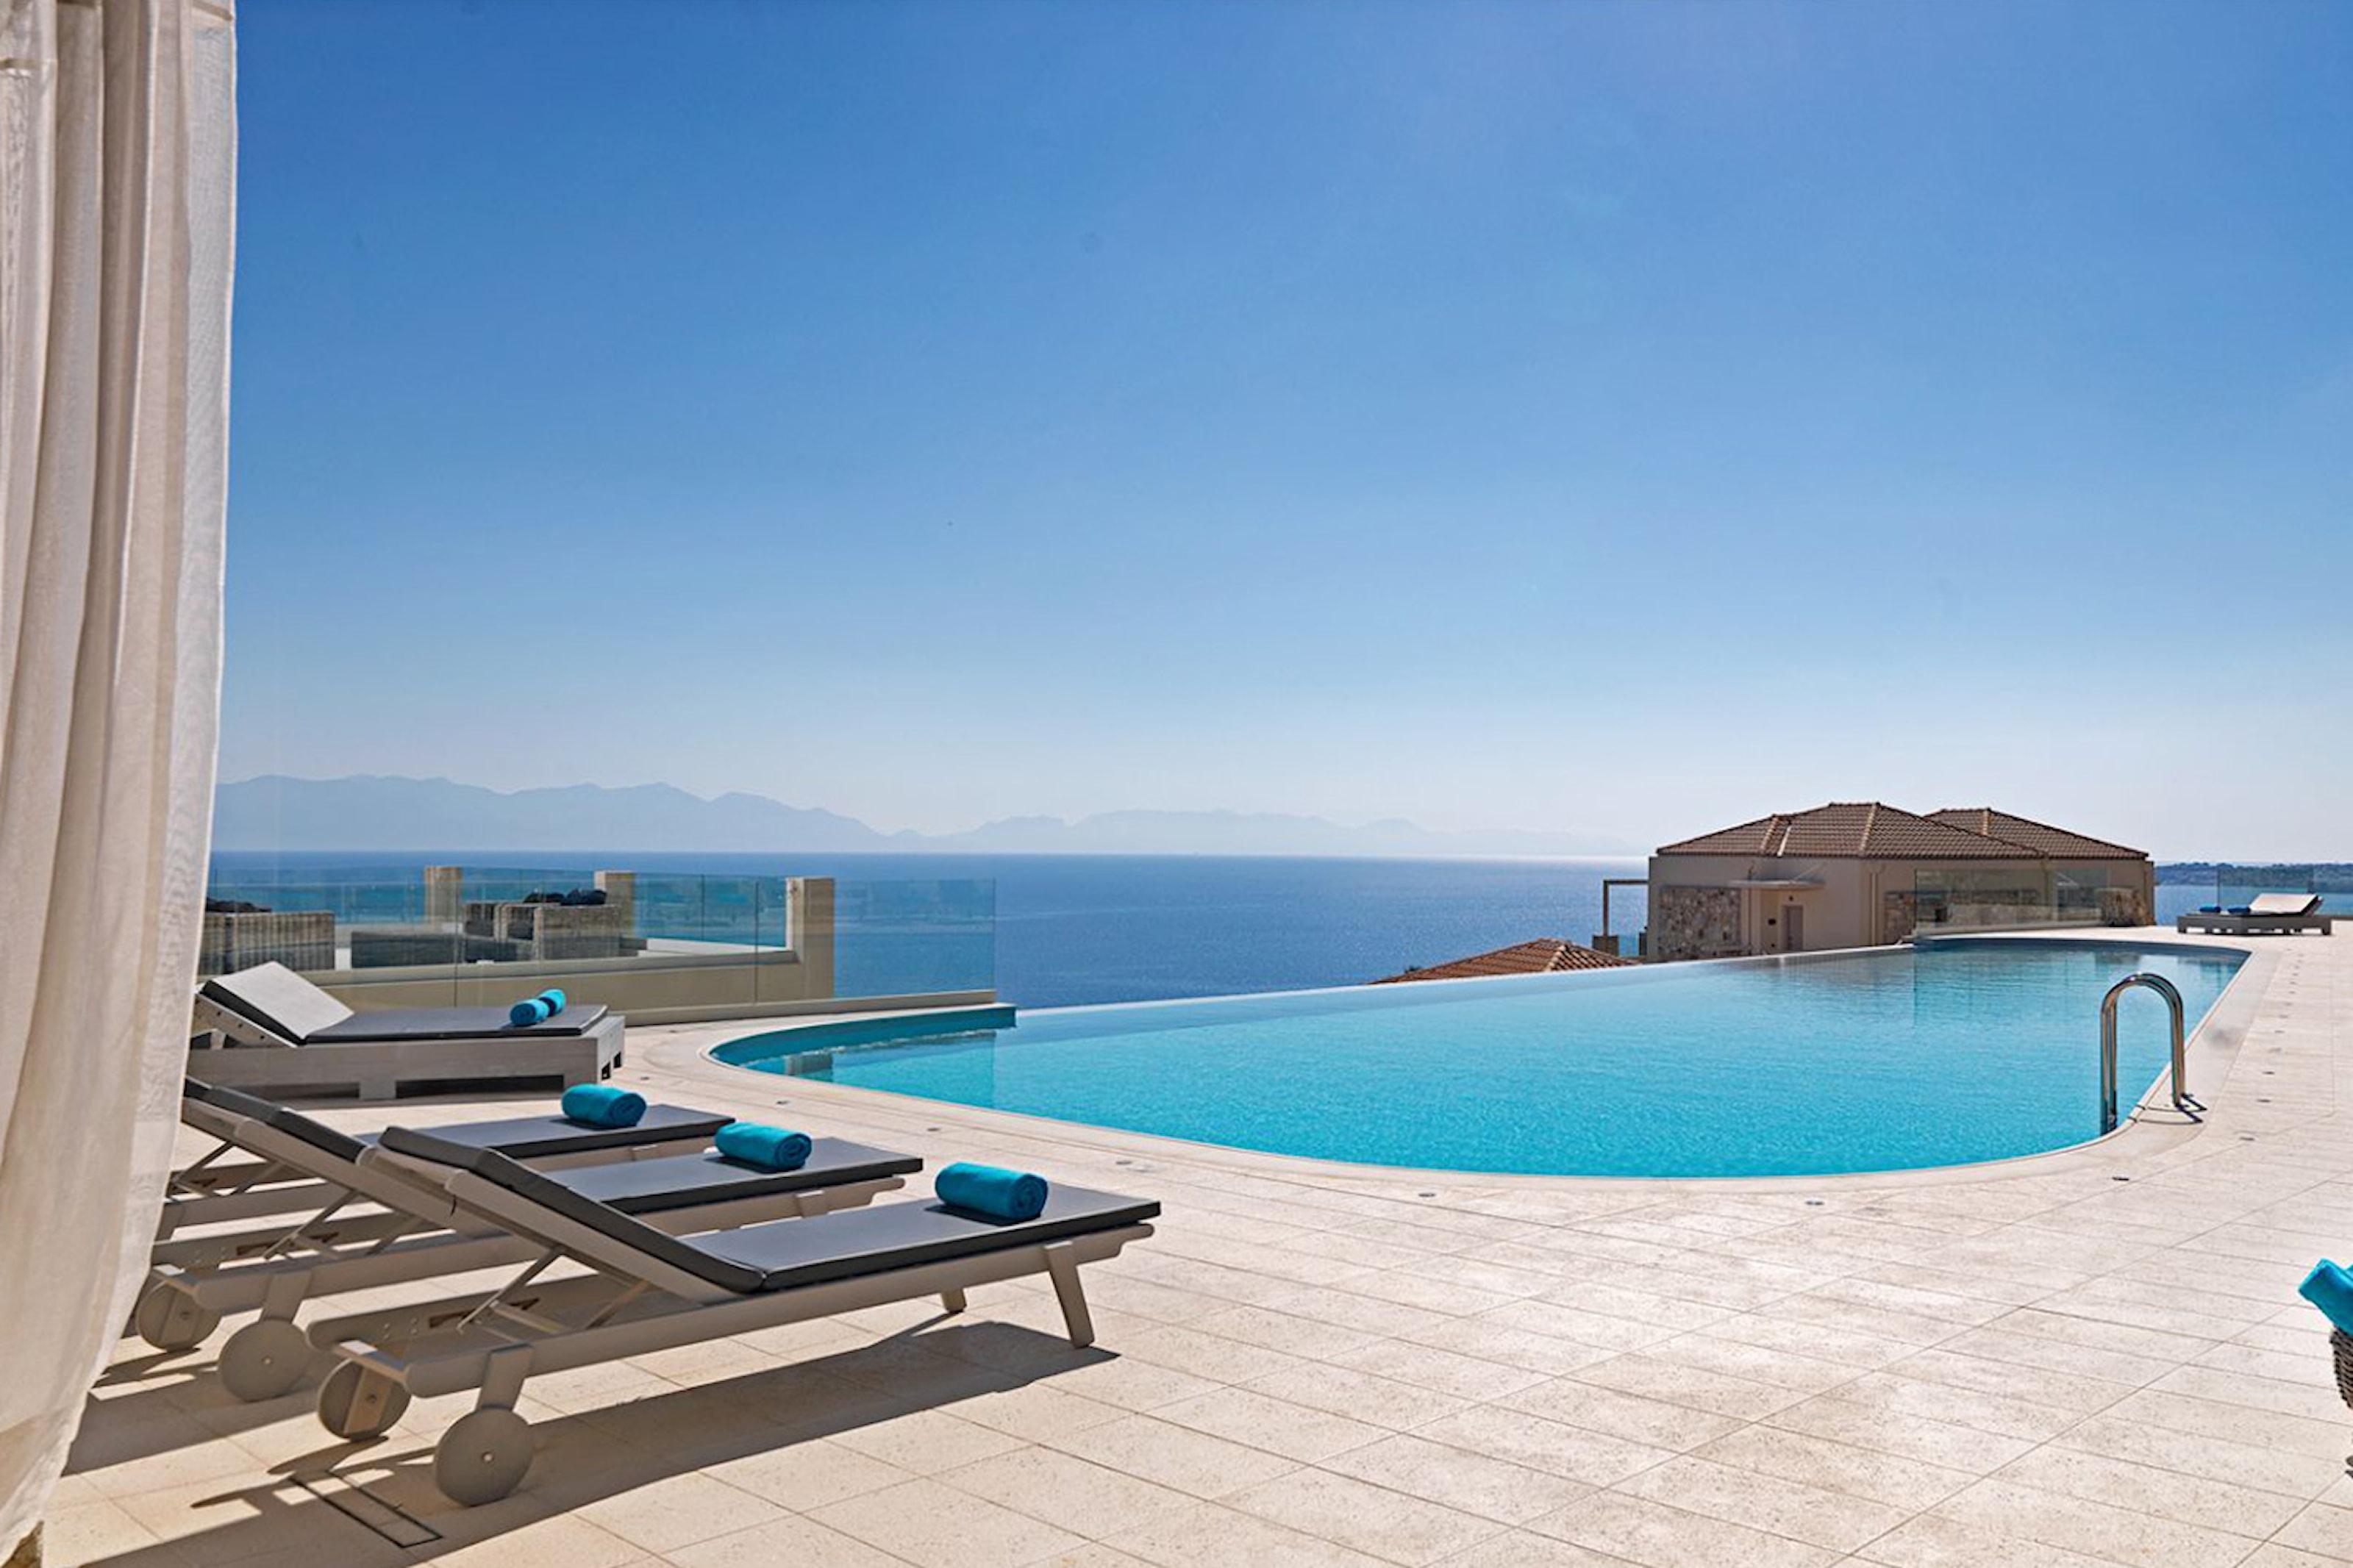 Camvillia resort på Grekland